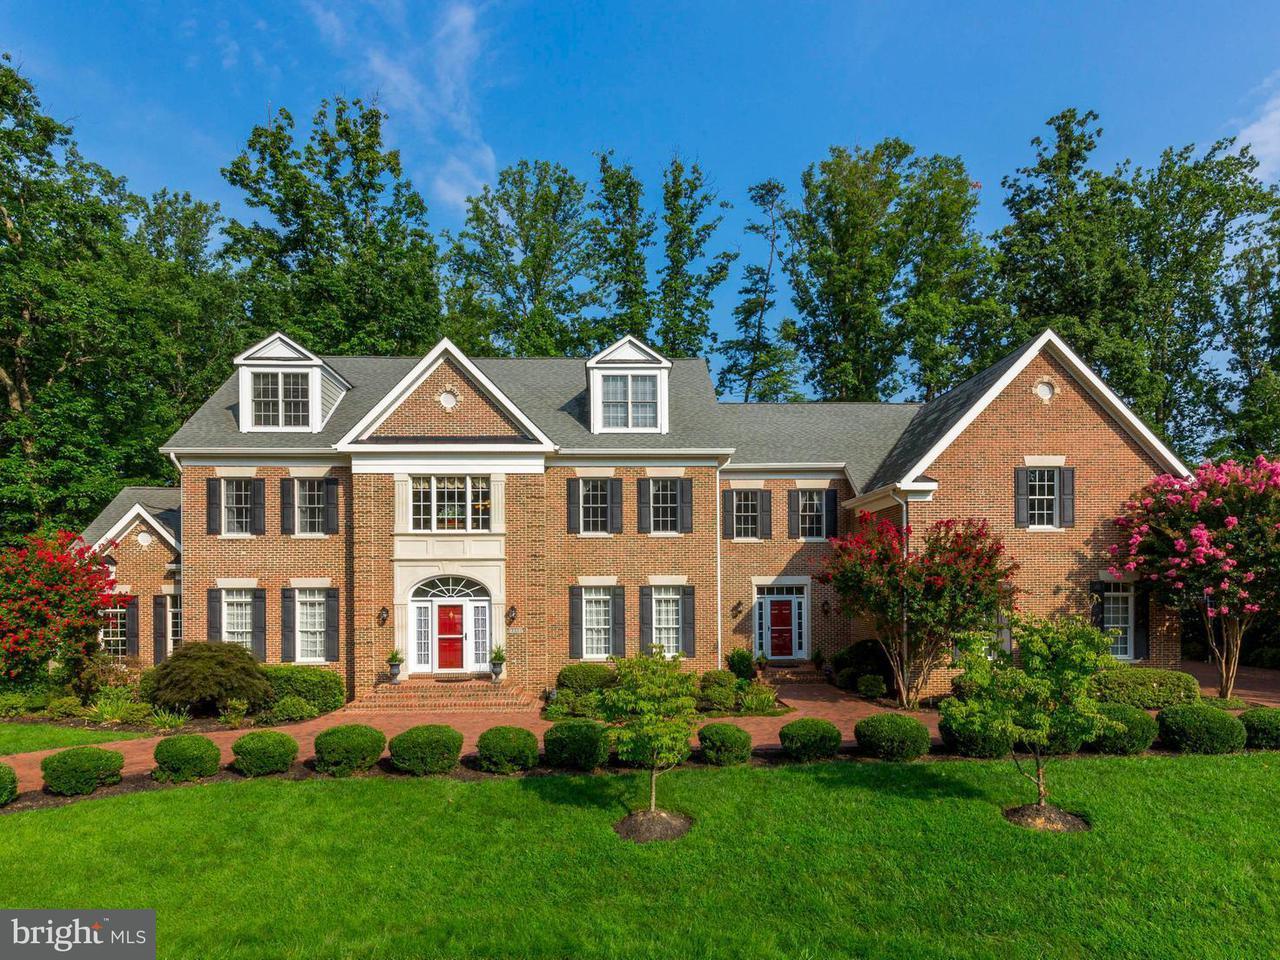 Частный односемейный дом для того Продажа на 8836 ROMMEL Drive 8836 ROMMEL Drive Lorton, Виргиния 22079 Соединенные Штаты